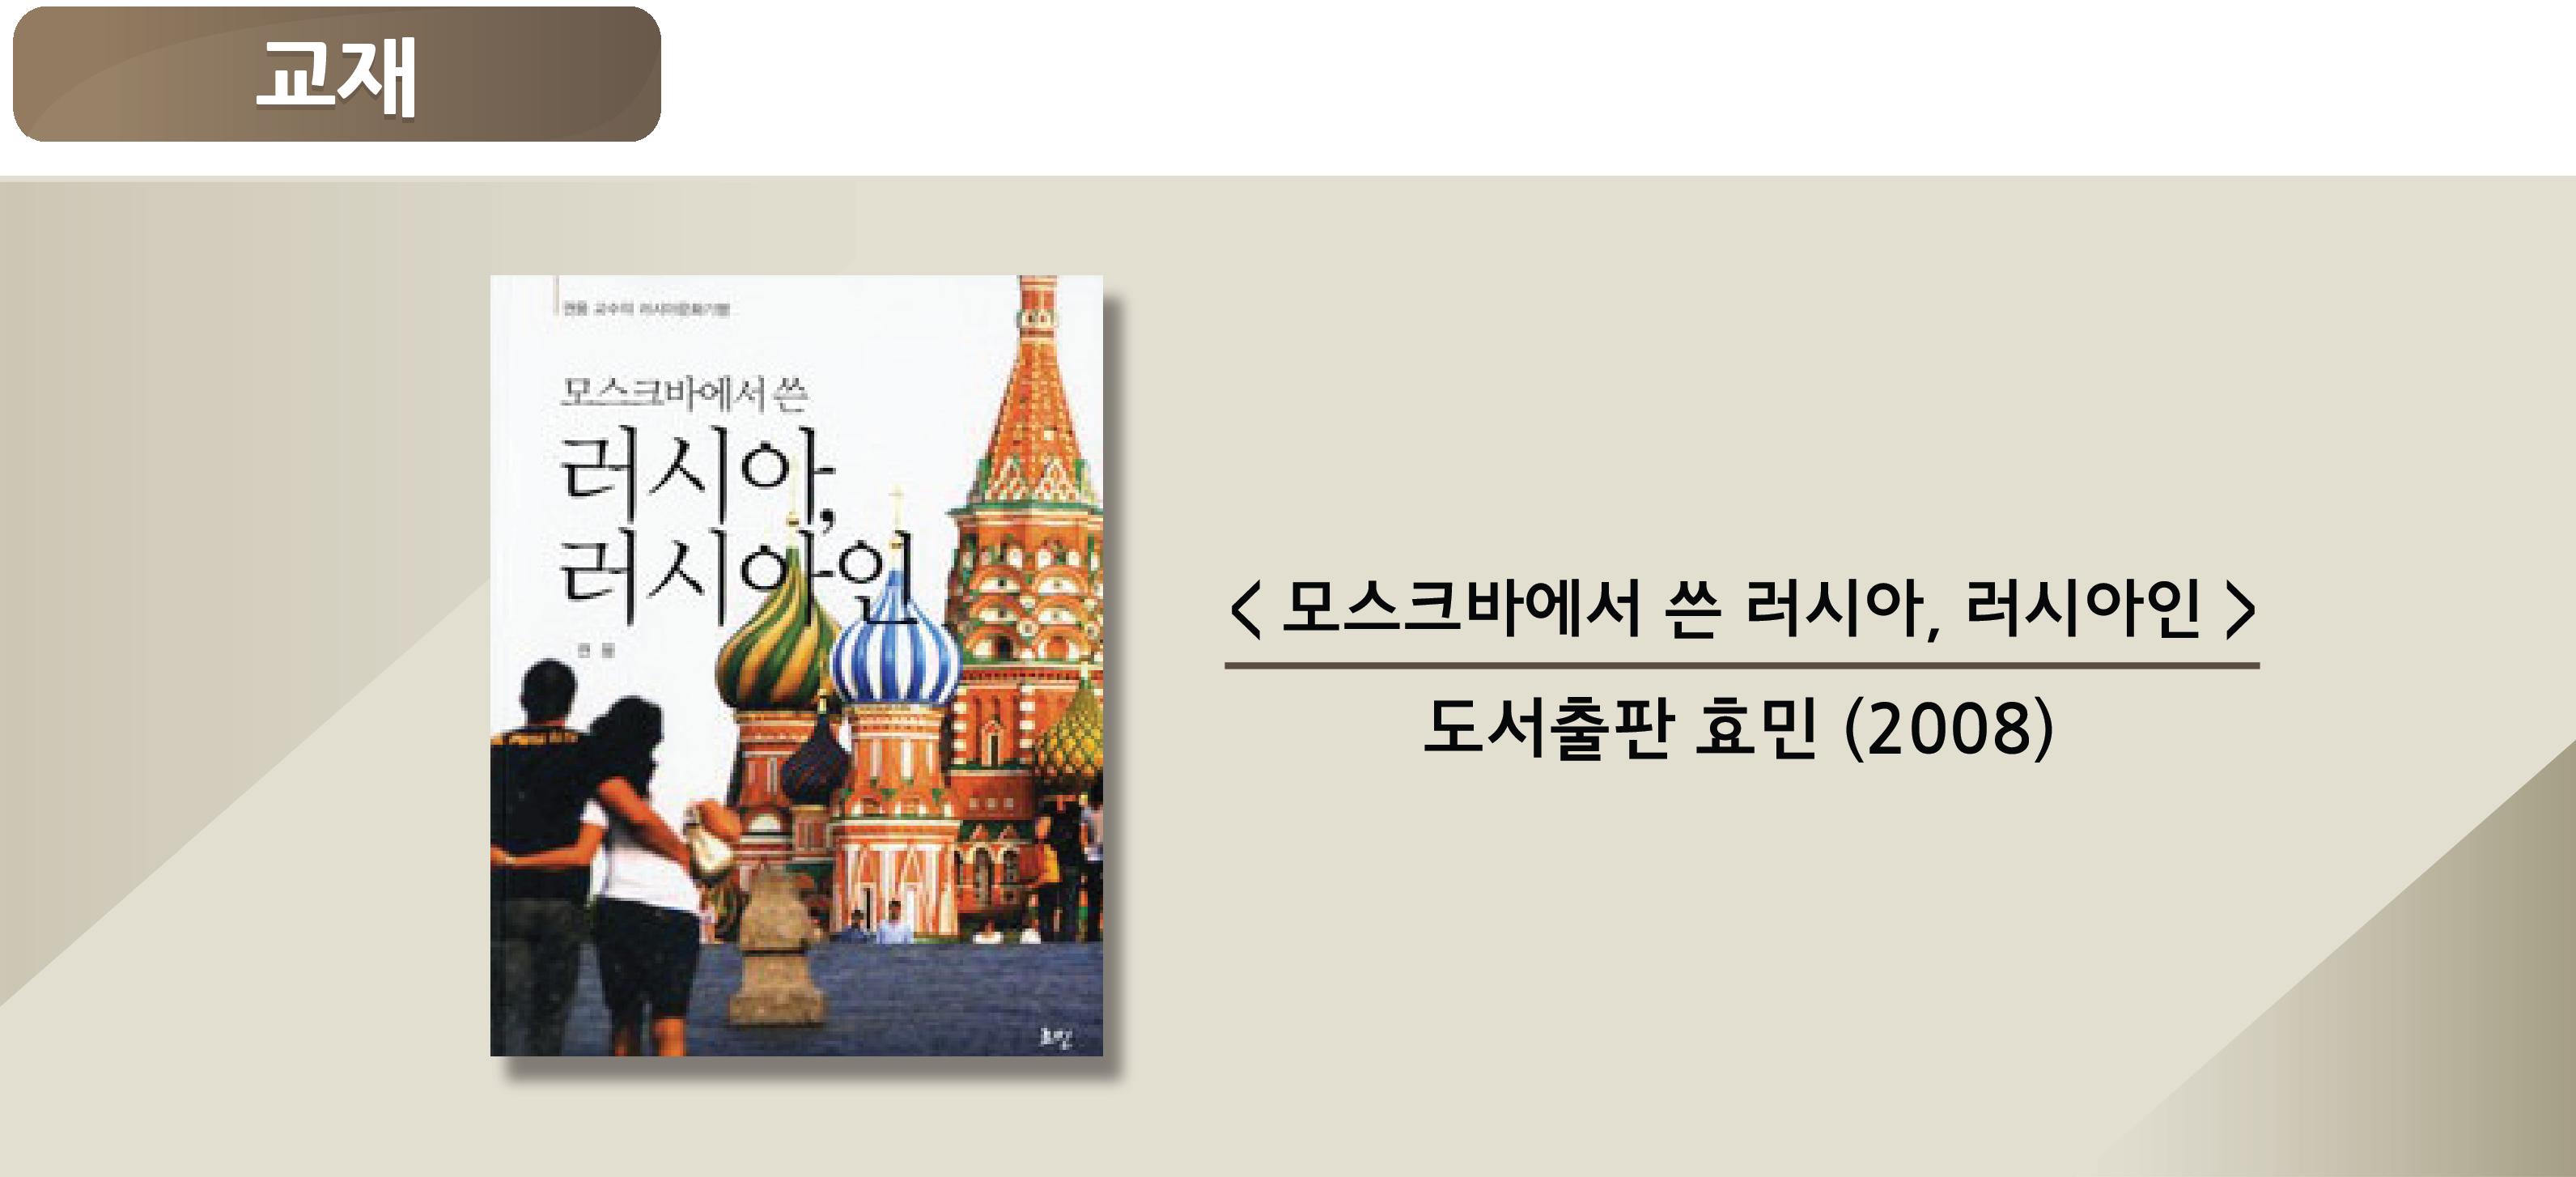 권융, 『모스크바에서 쓴 러시아, 러시아 인』도서출판 효민, 2008